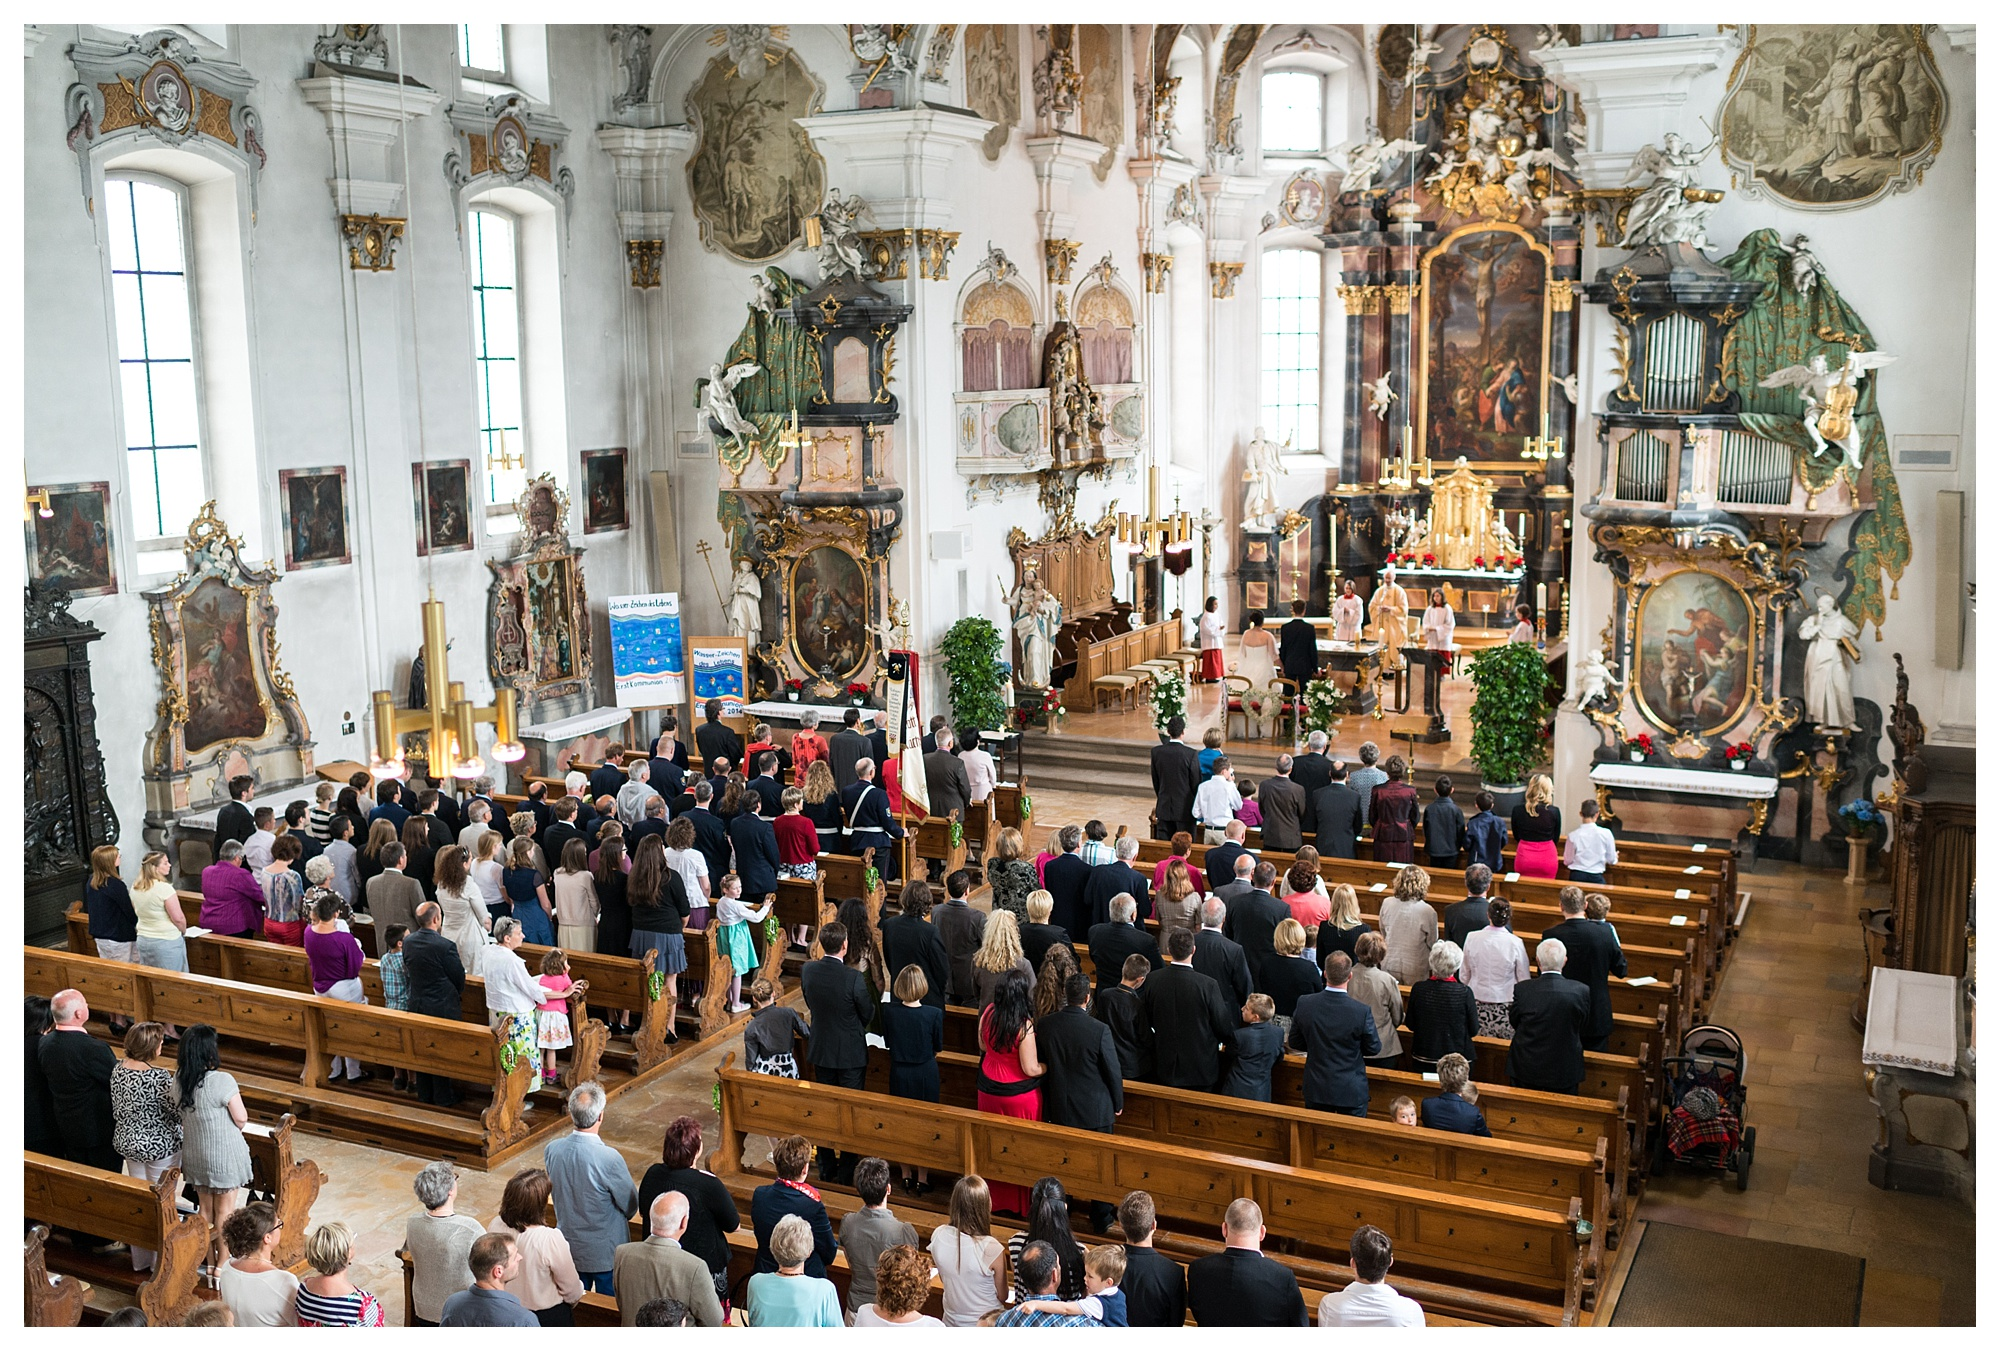 Fotograf Konstanz - Hochzeit Tanja Elmar Elmar Feuerbacher Photography Konstanz Messkirch Highlights 029 - Hochzeitsreportage von Tanja und Elmar im Schloss Meßkirch  - 133 -